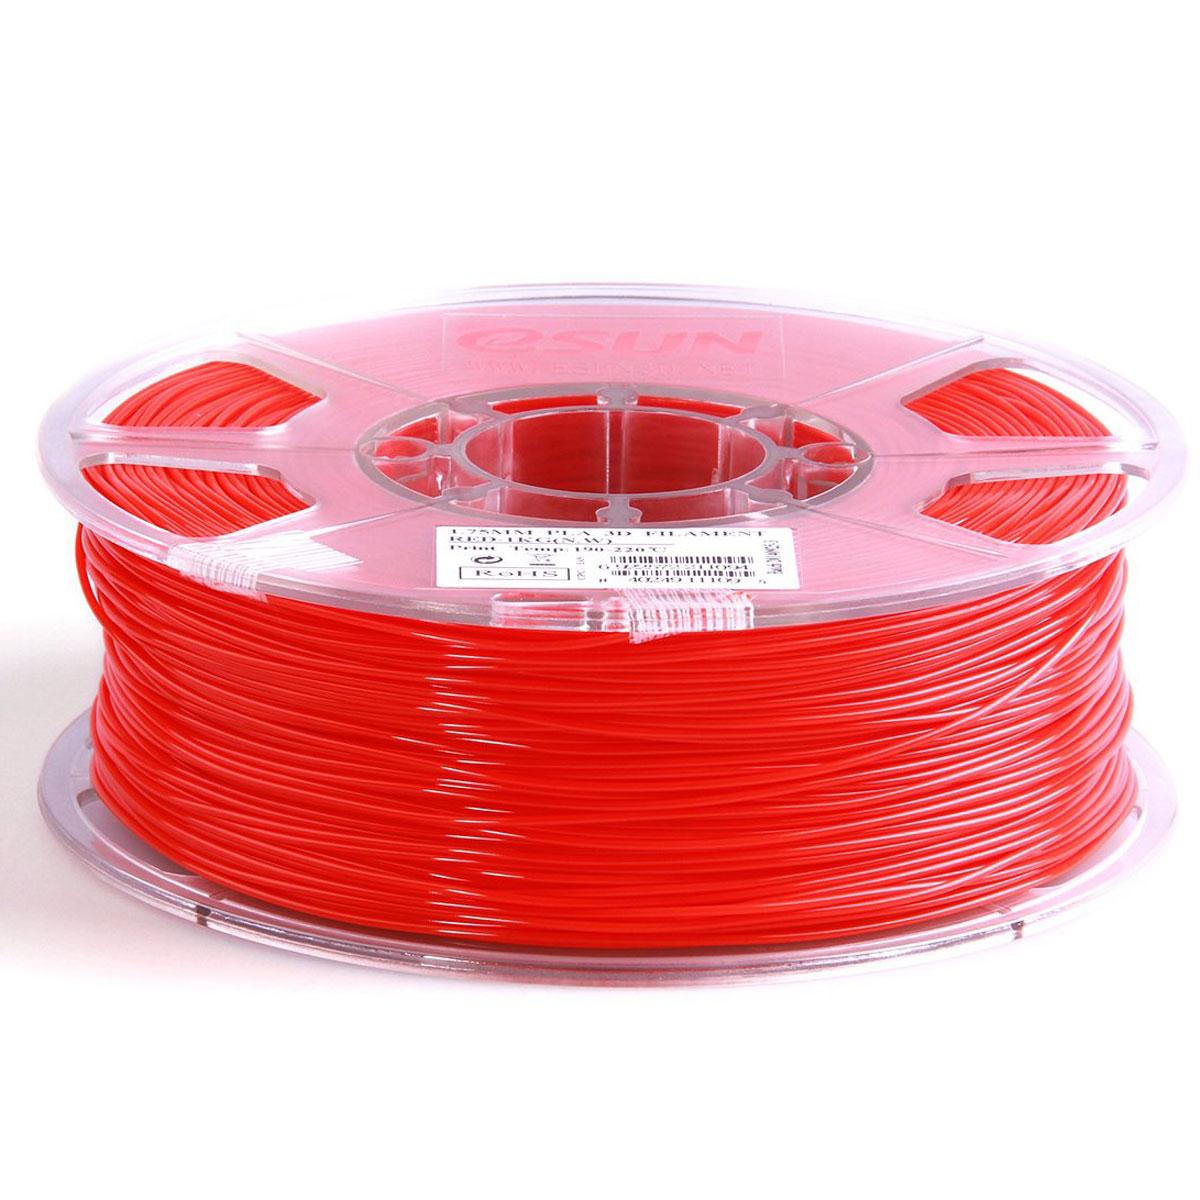 ESUN пластик PLA в катушке, Red, 1,75 ммPLA175R1Пластик PLA от ESUN долговечный и очень прочный полимер, ударопрочный, эластичный и стойкий к моющим средствам и щелочам. Один из лучших материалов для печати на 3D принтере. Пластик не имеет запаха и не является токсичным. Температура плавления190-220°C. PLA пластик для 3D-принтера применяется в деталях автомобилей, канцелярских изделиях, корпусах бытовой техники, мебели, сантехники, а также в производстве игрушек, сувениров, спортивного инвентаря, деталей оружия, медицинского оборудования и прочего.Диаметр нити: 1.75 мм